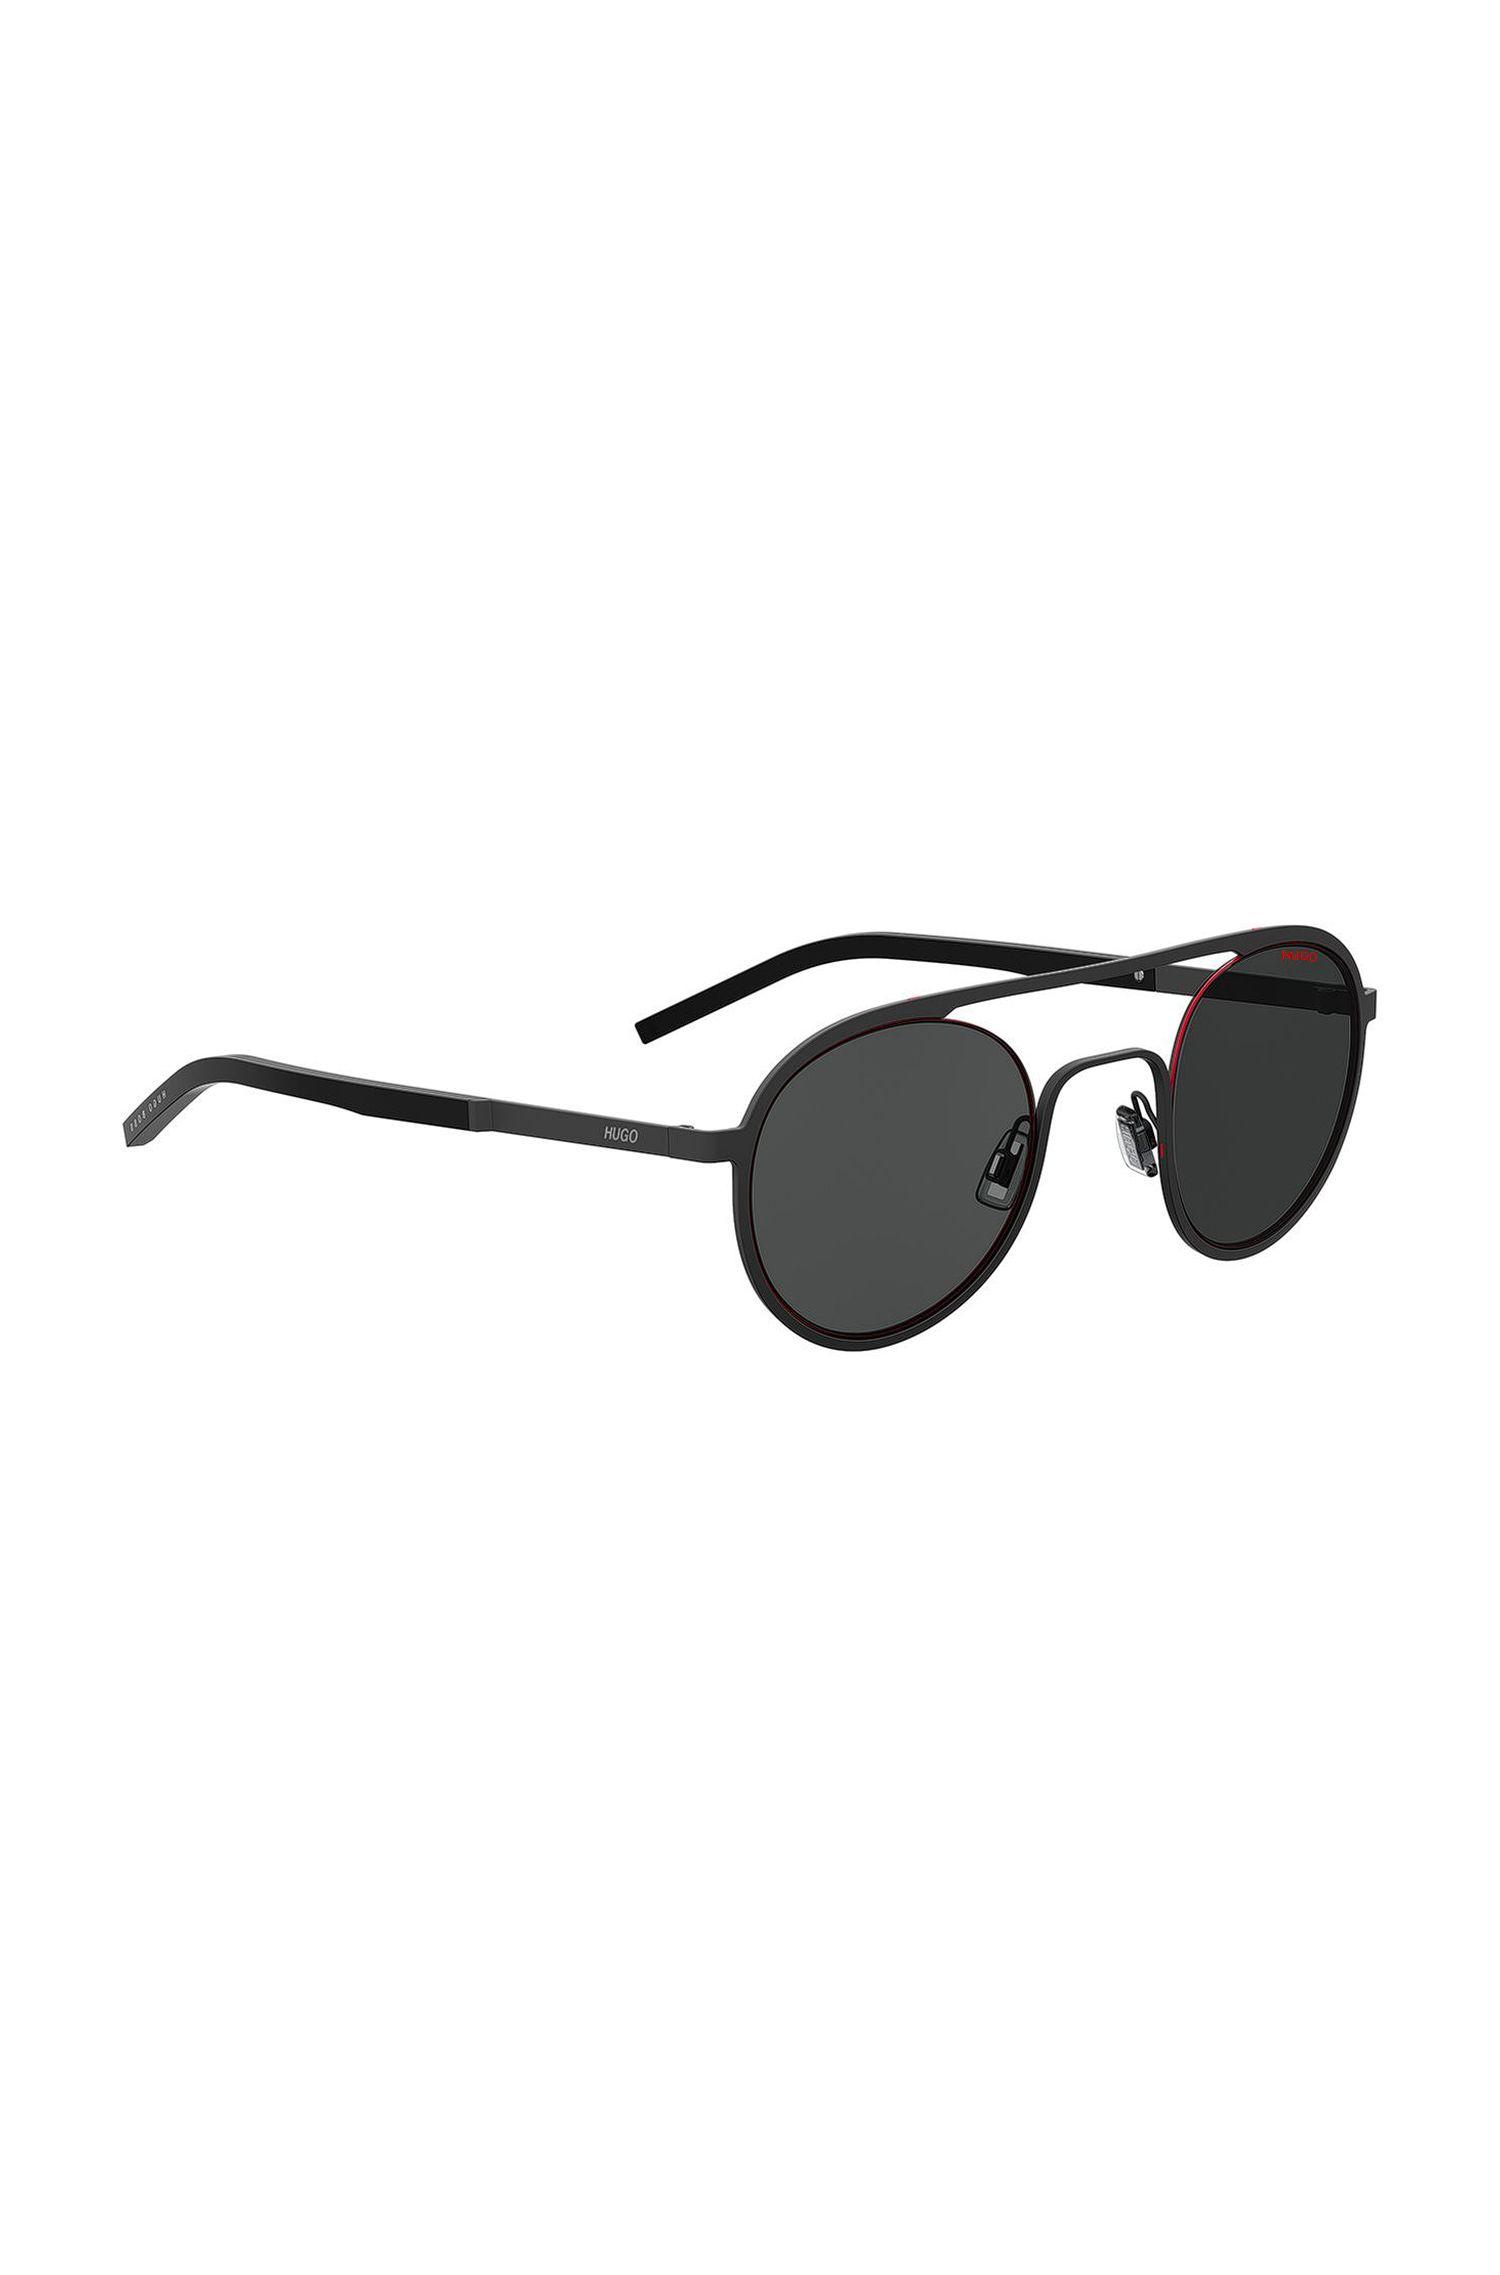 Unisex-Sonnenbrille mit runden Gläsern und schwarzer Metallfassung, Schwarz